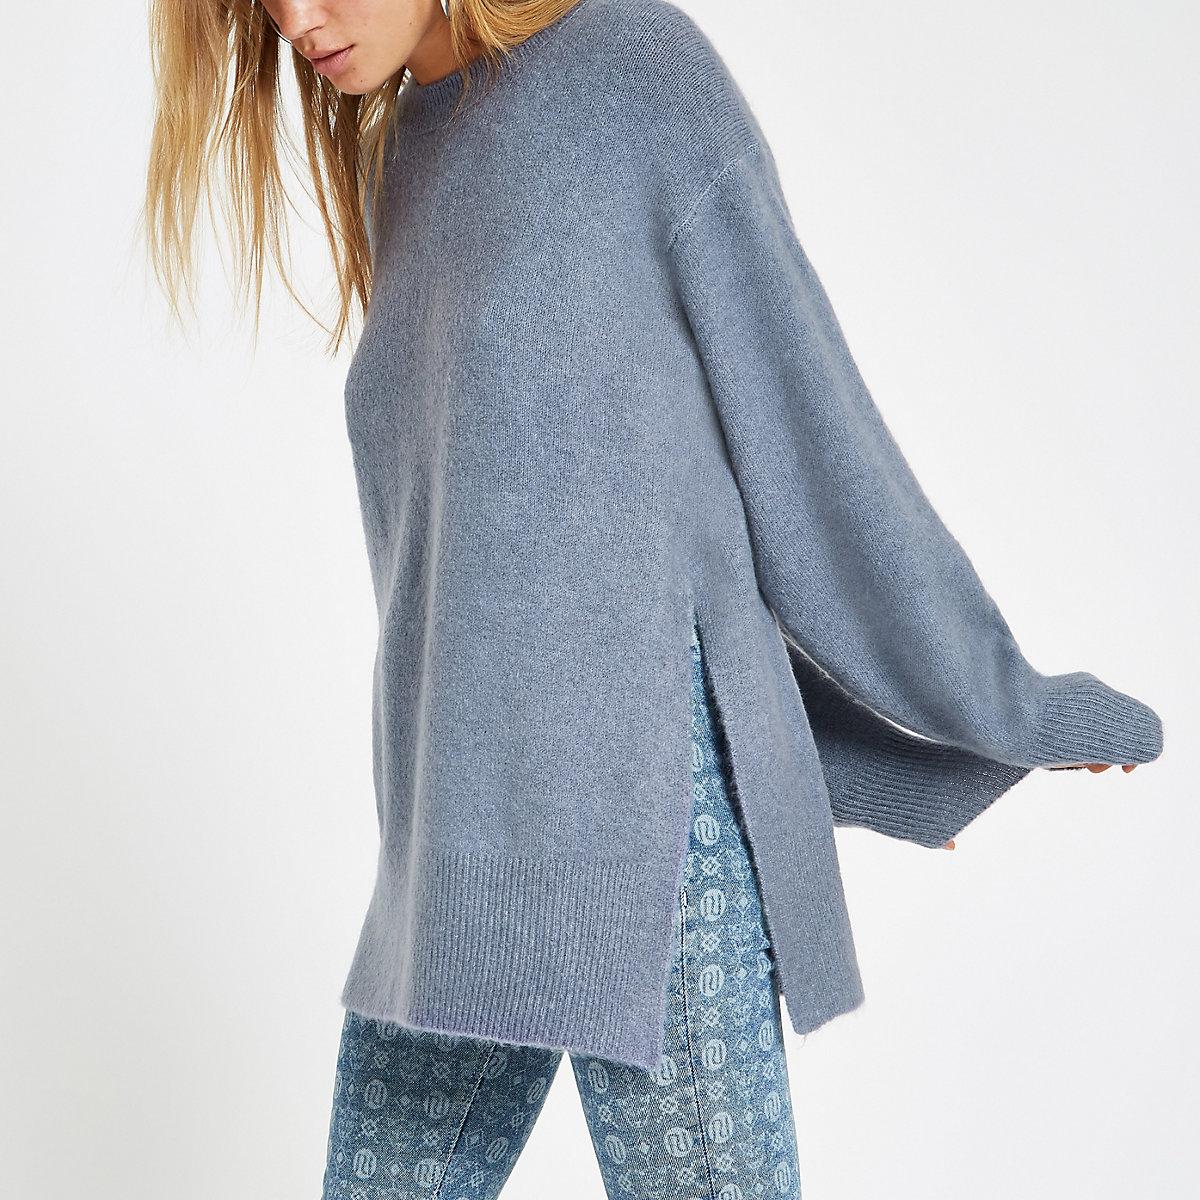 Blue split side knit sweater